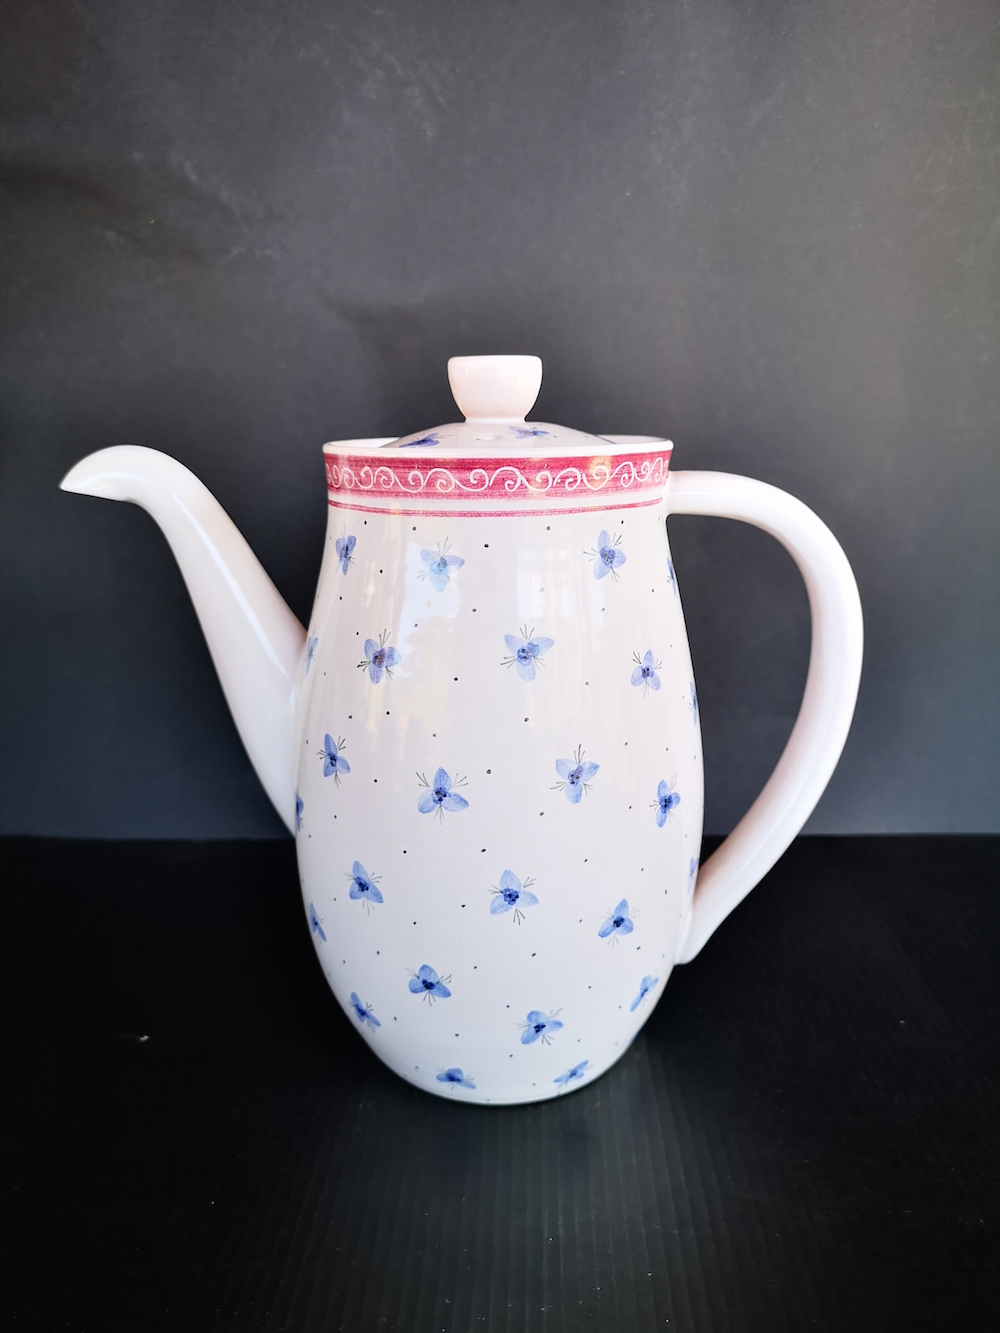 Fritz Haussmann Swiss traditional pot in Bauhaus design